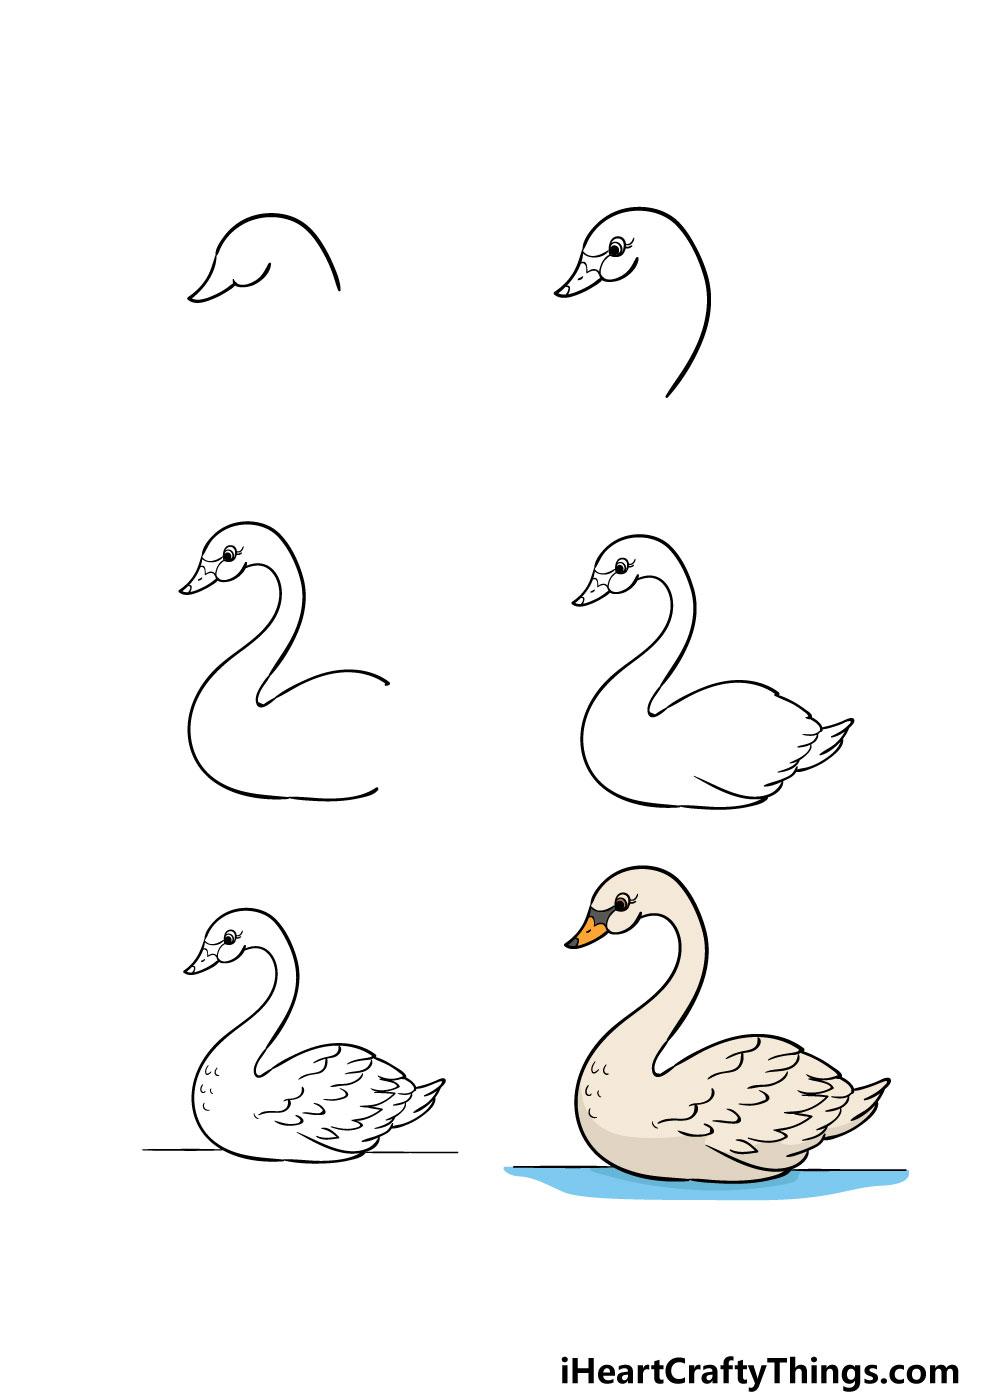 cách vẽ một con thiên nga trong 6 bước